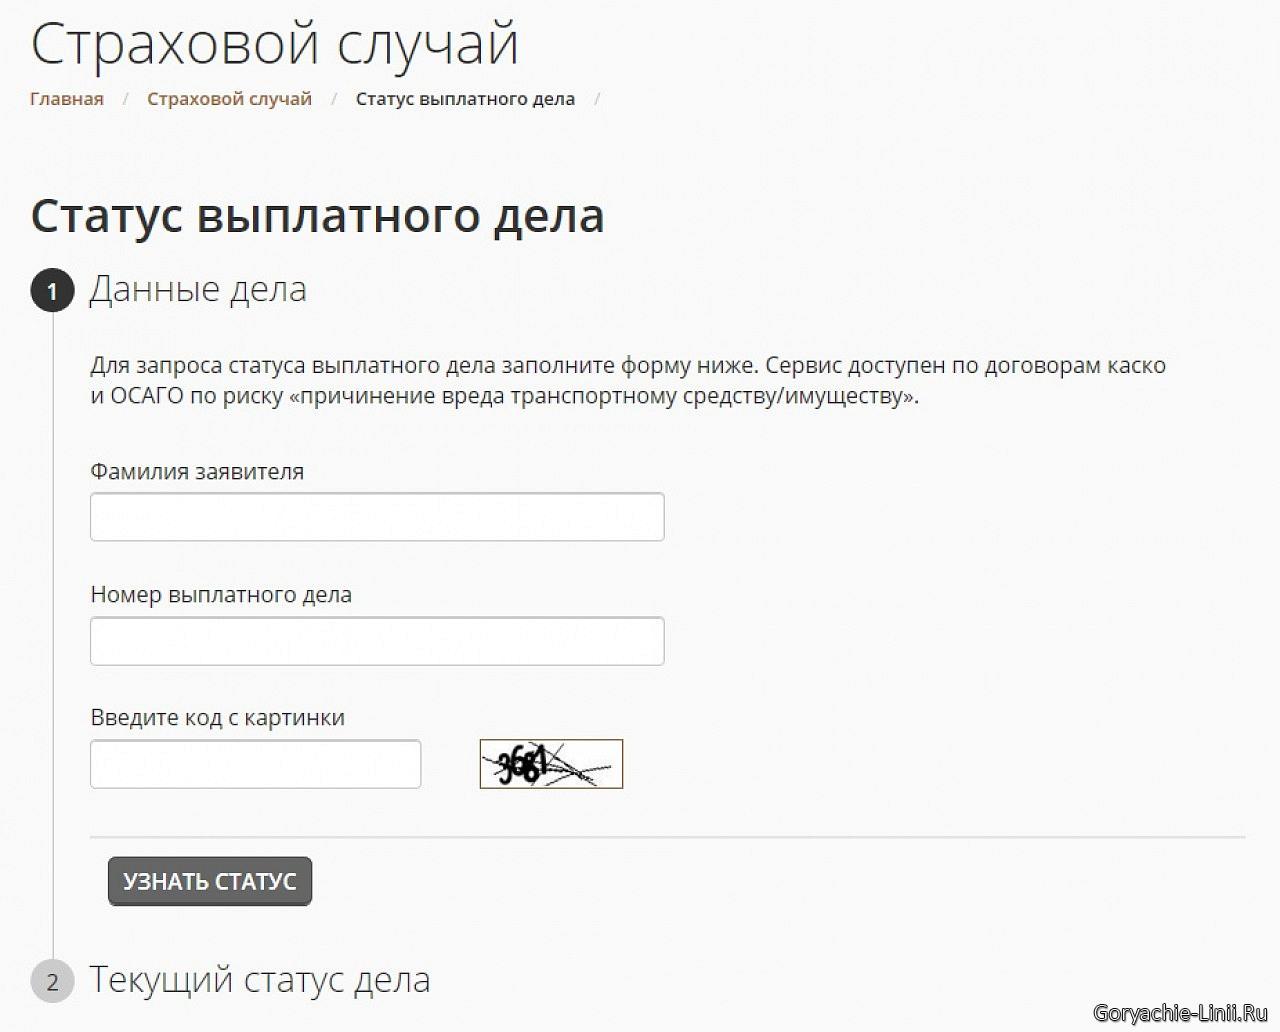 rgs.ru узнать статус выплатного дела